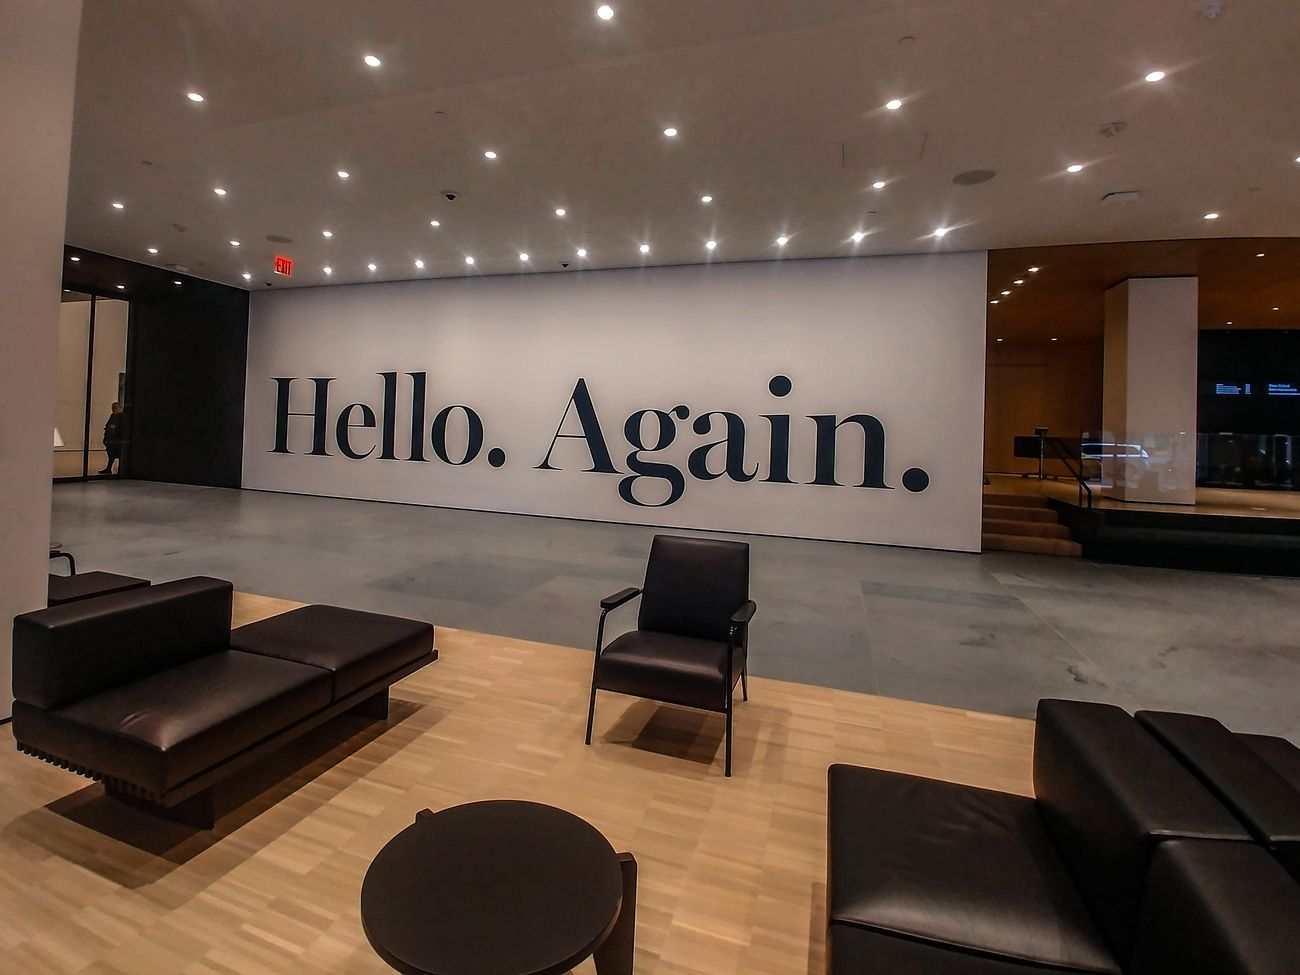 MoMA, New York. All'ingresso della nuova ala il visitatore viene salutato dall'opera di Haim Steinbach. Photo Maurita Cardone